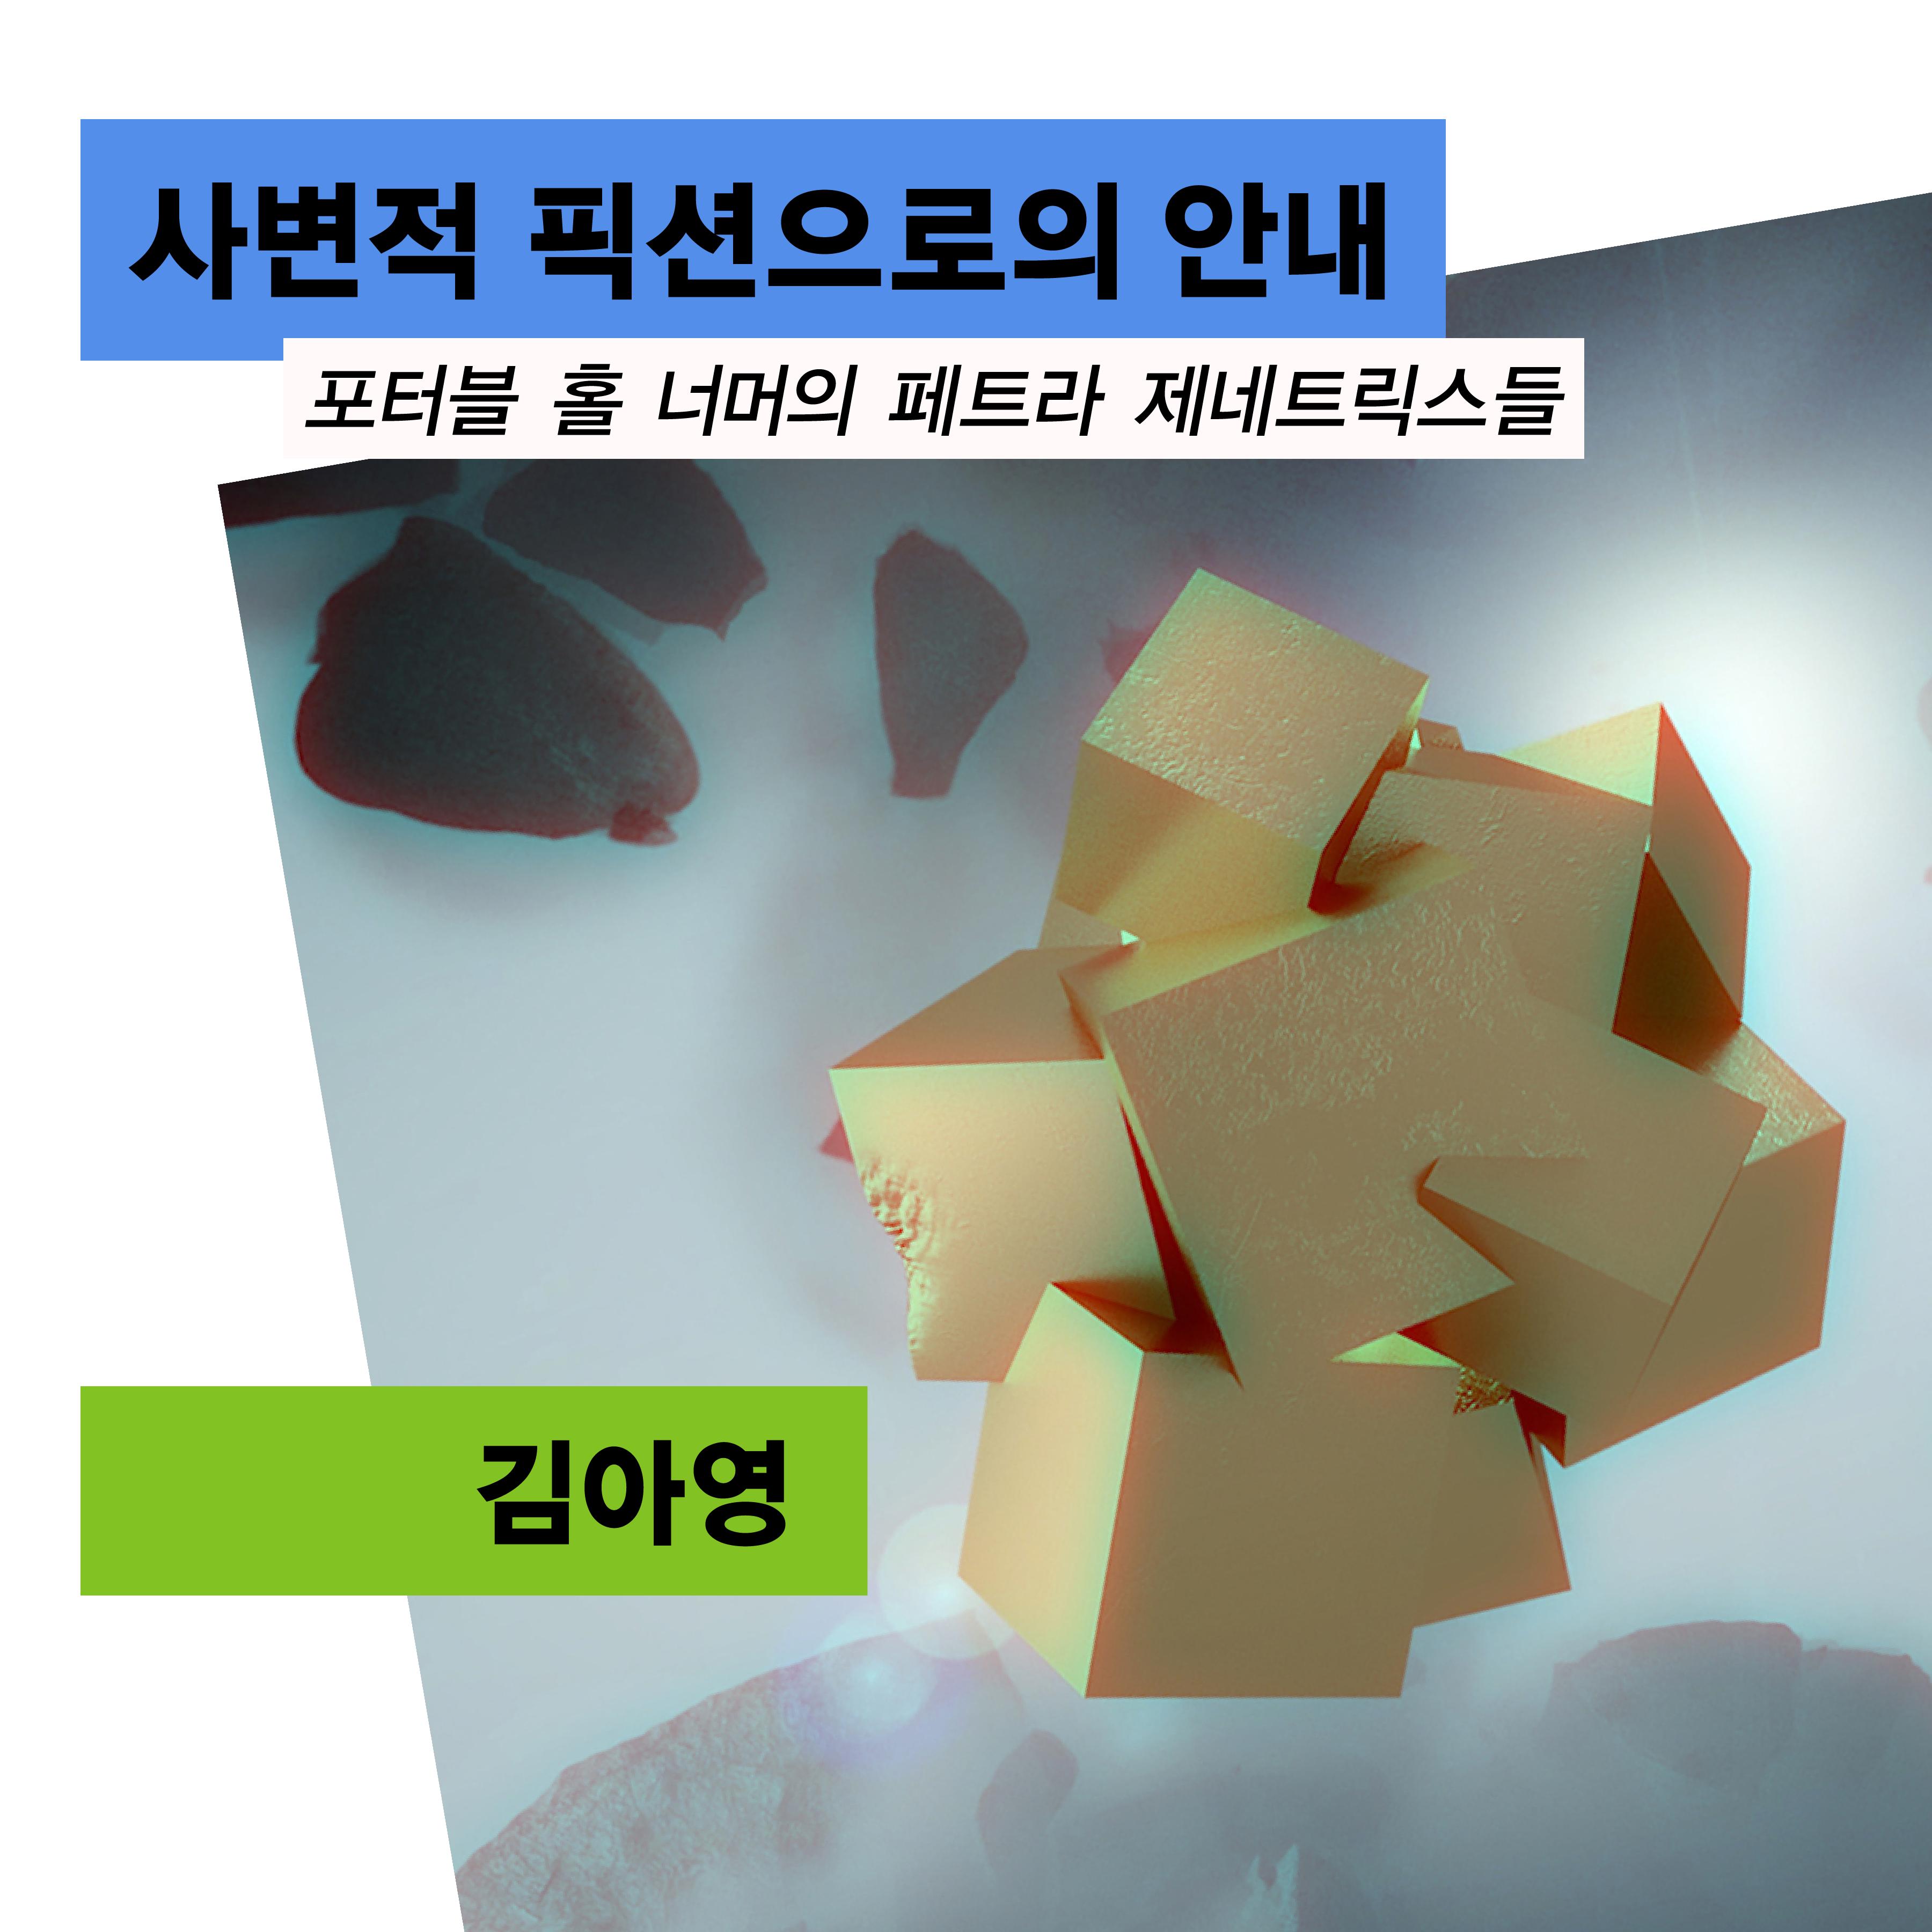 메인_김아영